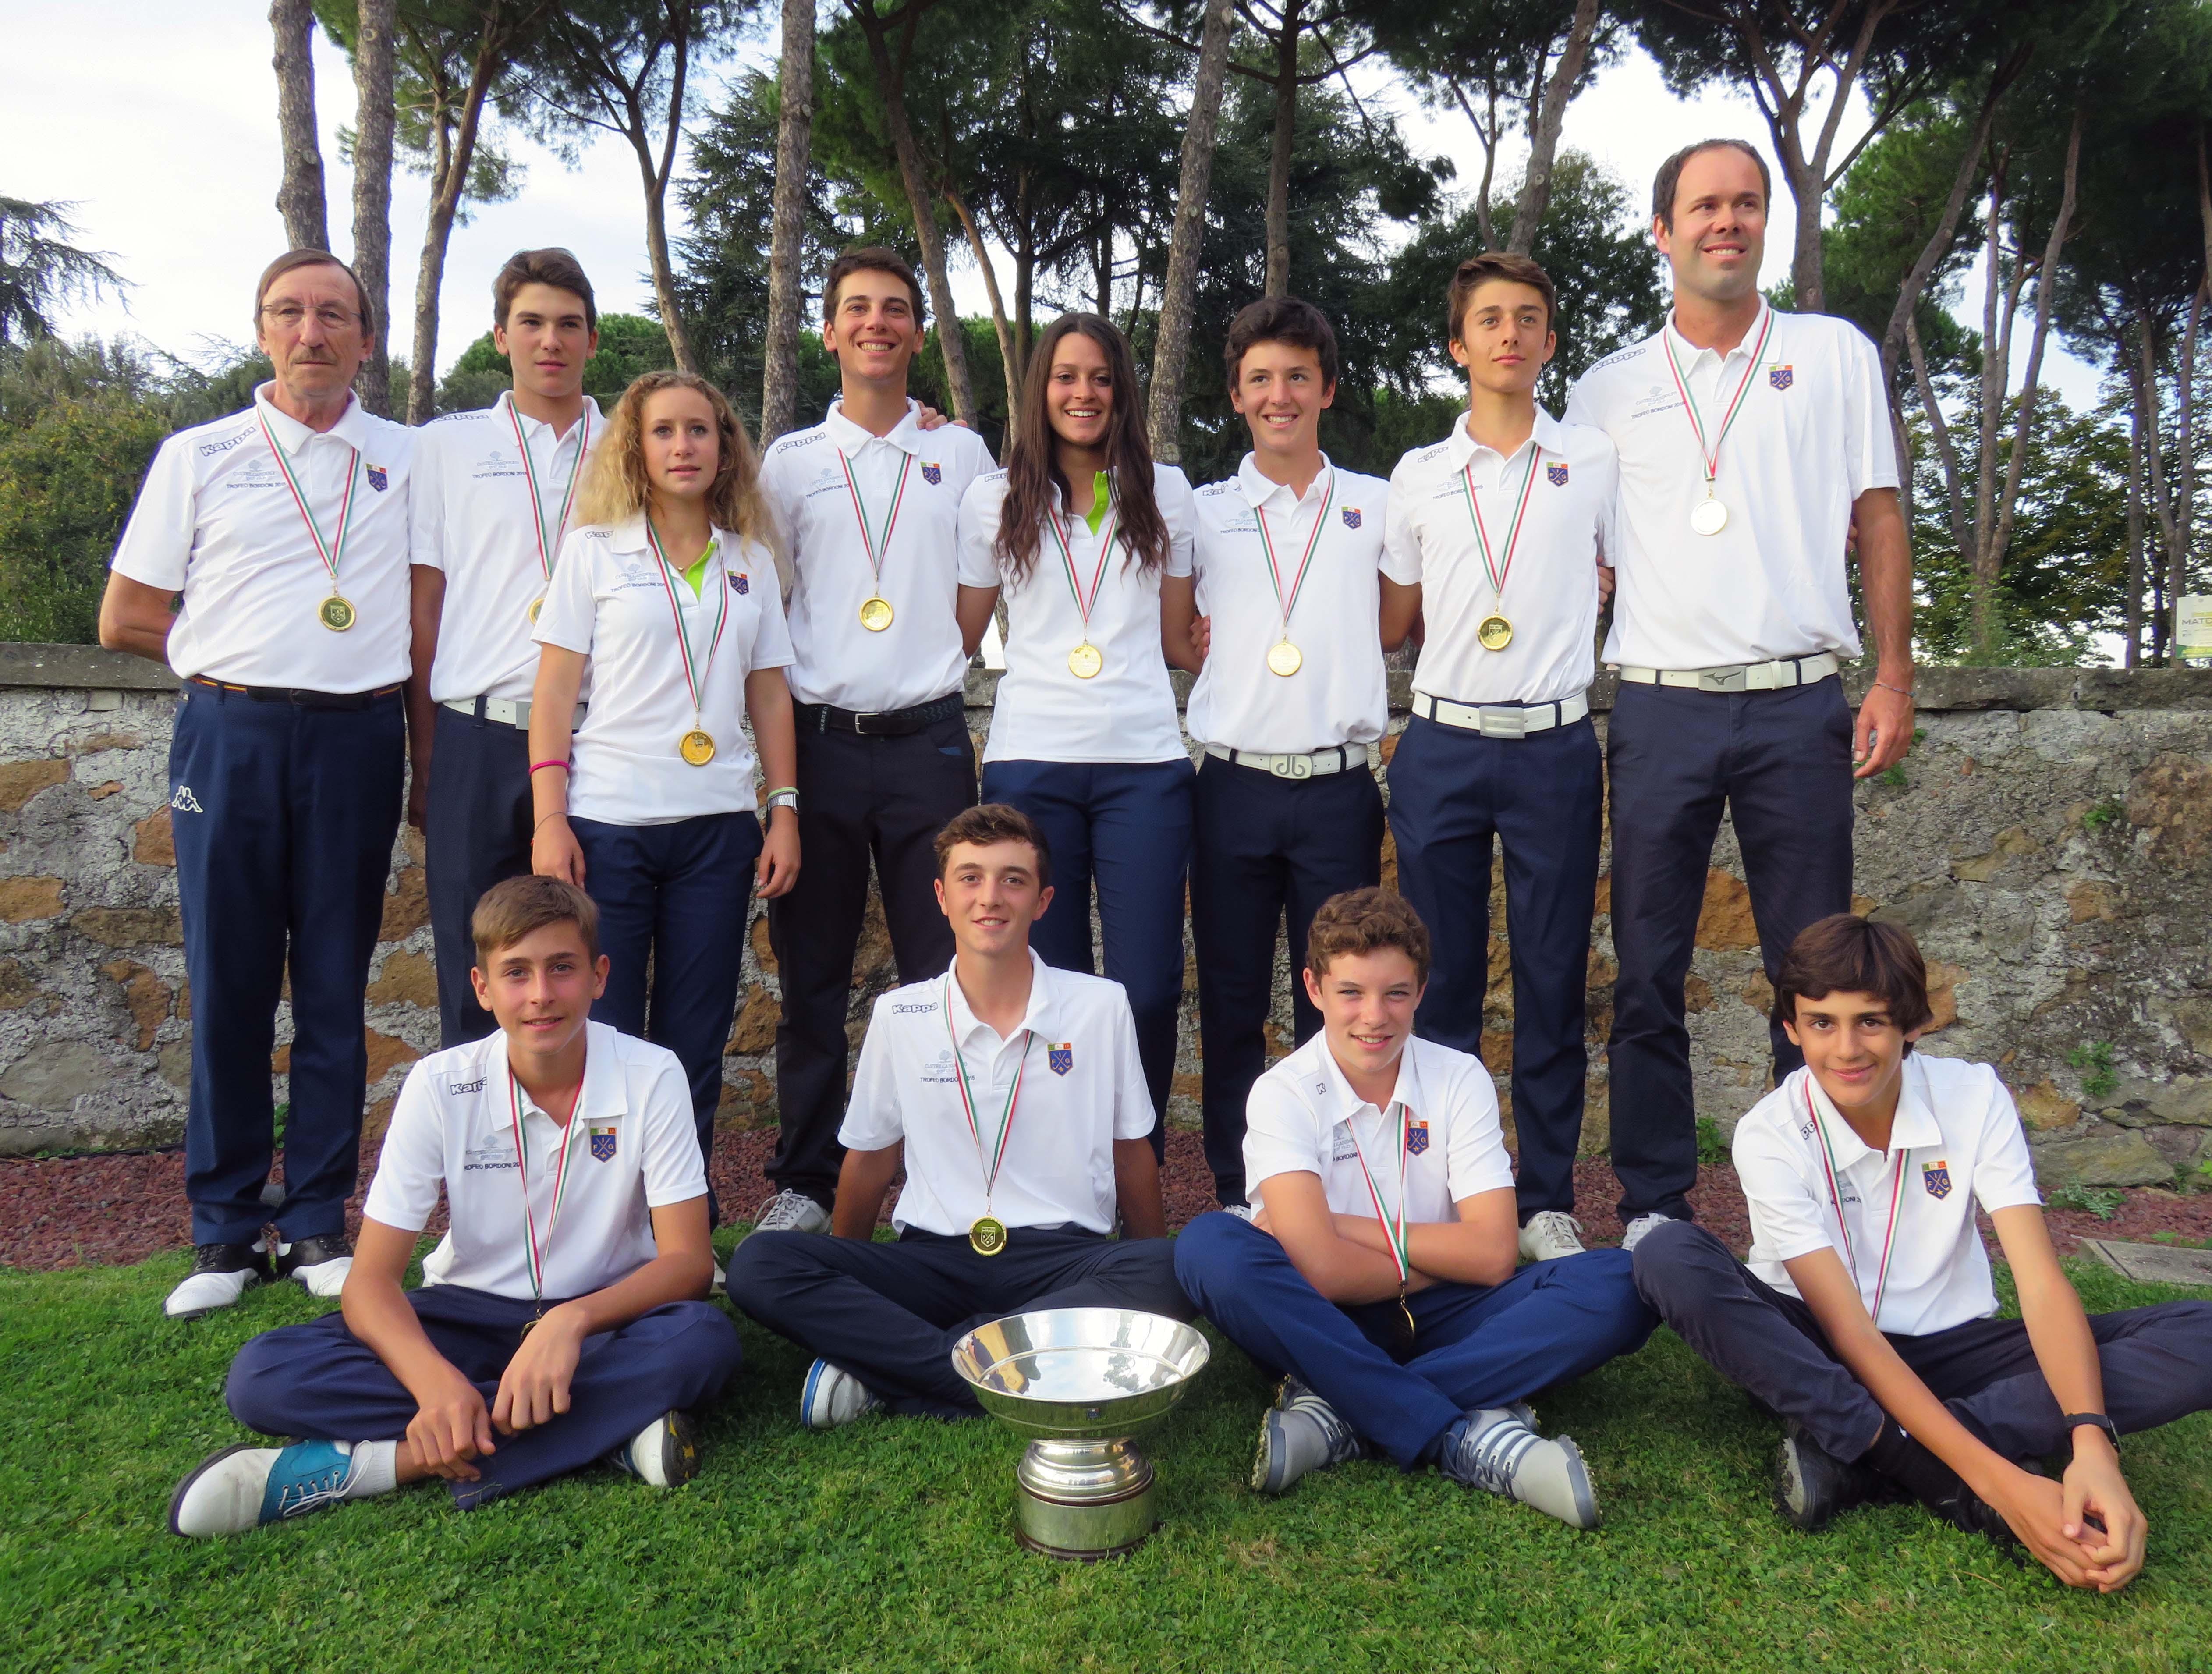 squadra lazio bordonibis 2015